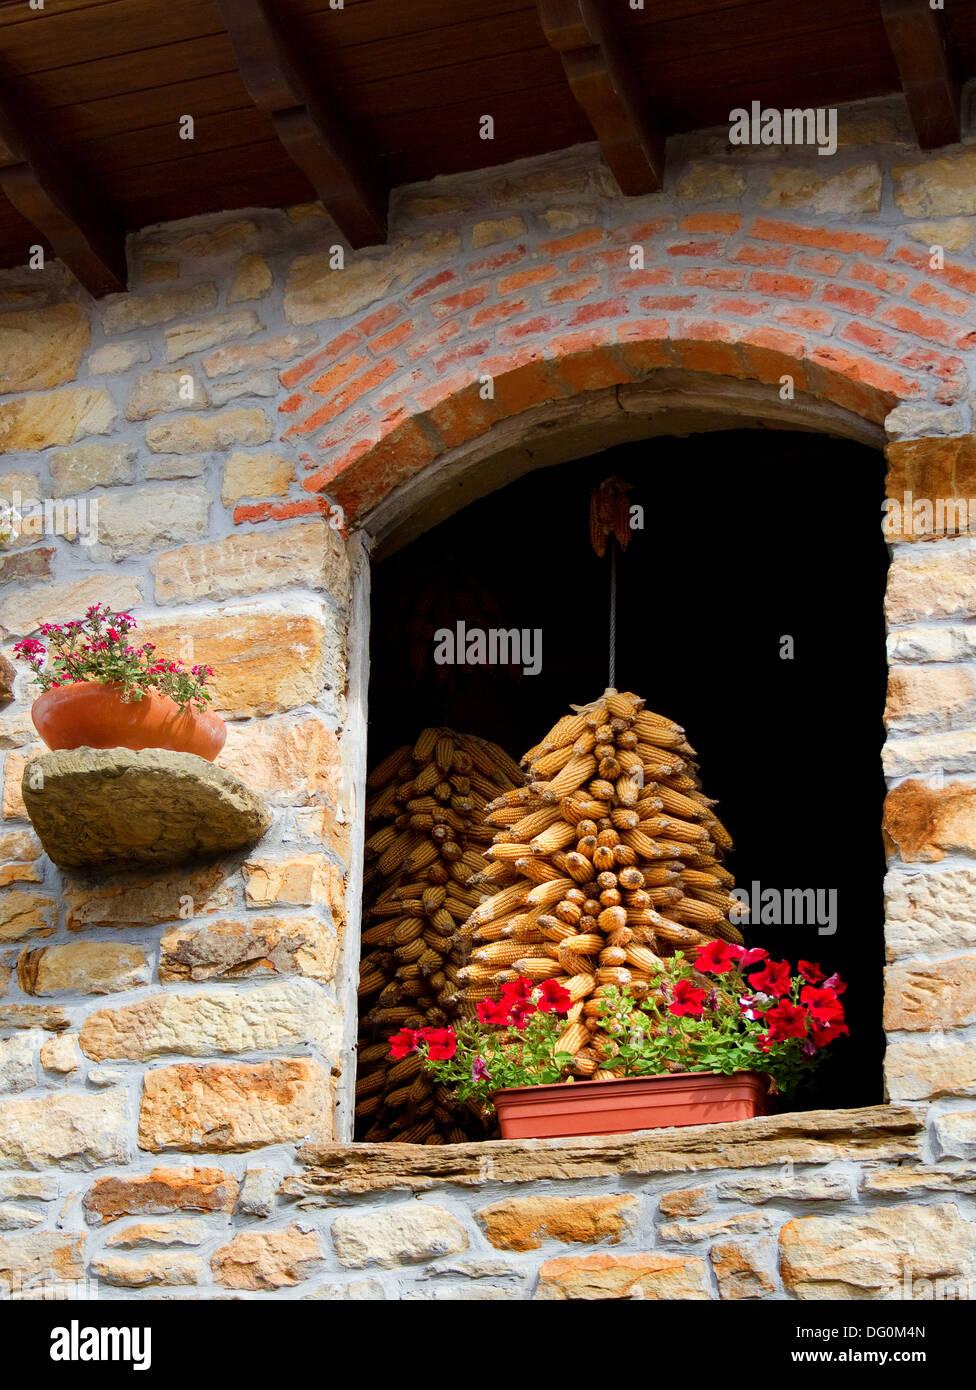 Mazzetto di pannocchie di granoturco essiccazione in ambiente rurale. Immagini Stock